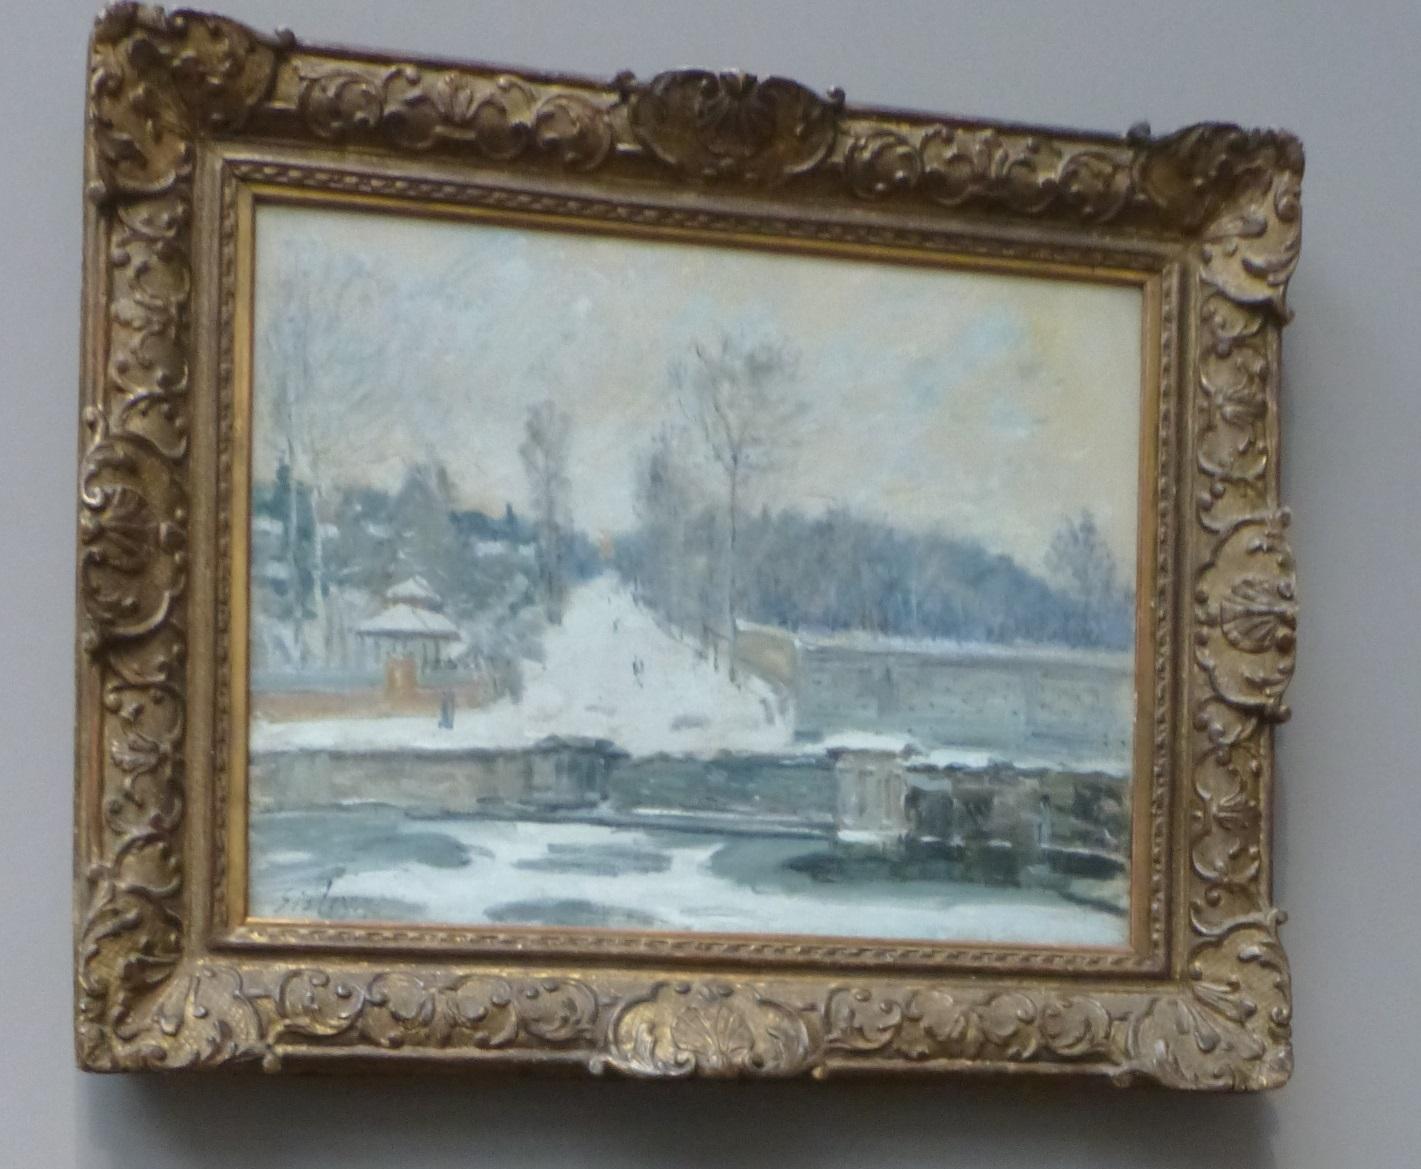 イギリス旅行記2日目【The National Gallery】_e0237625_16190846.jpg